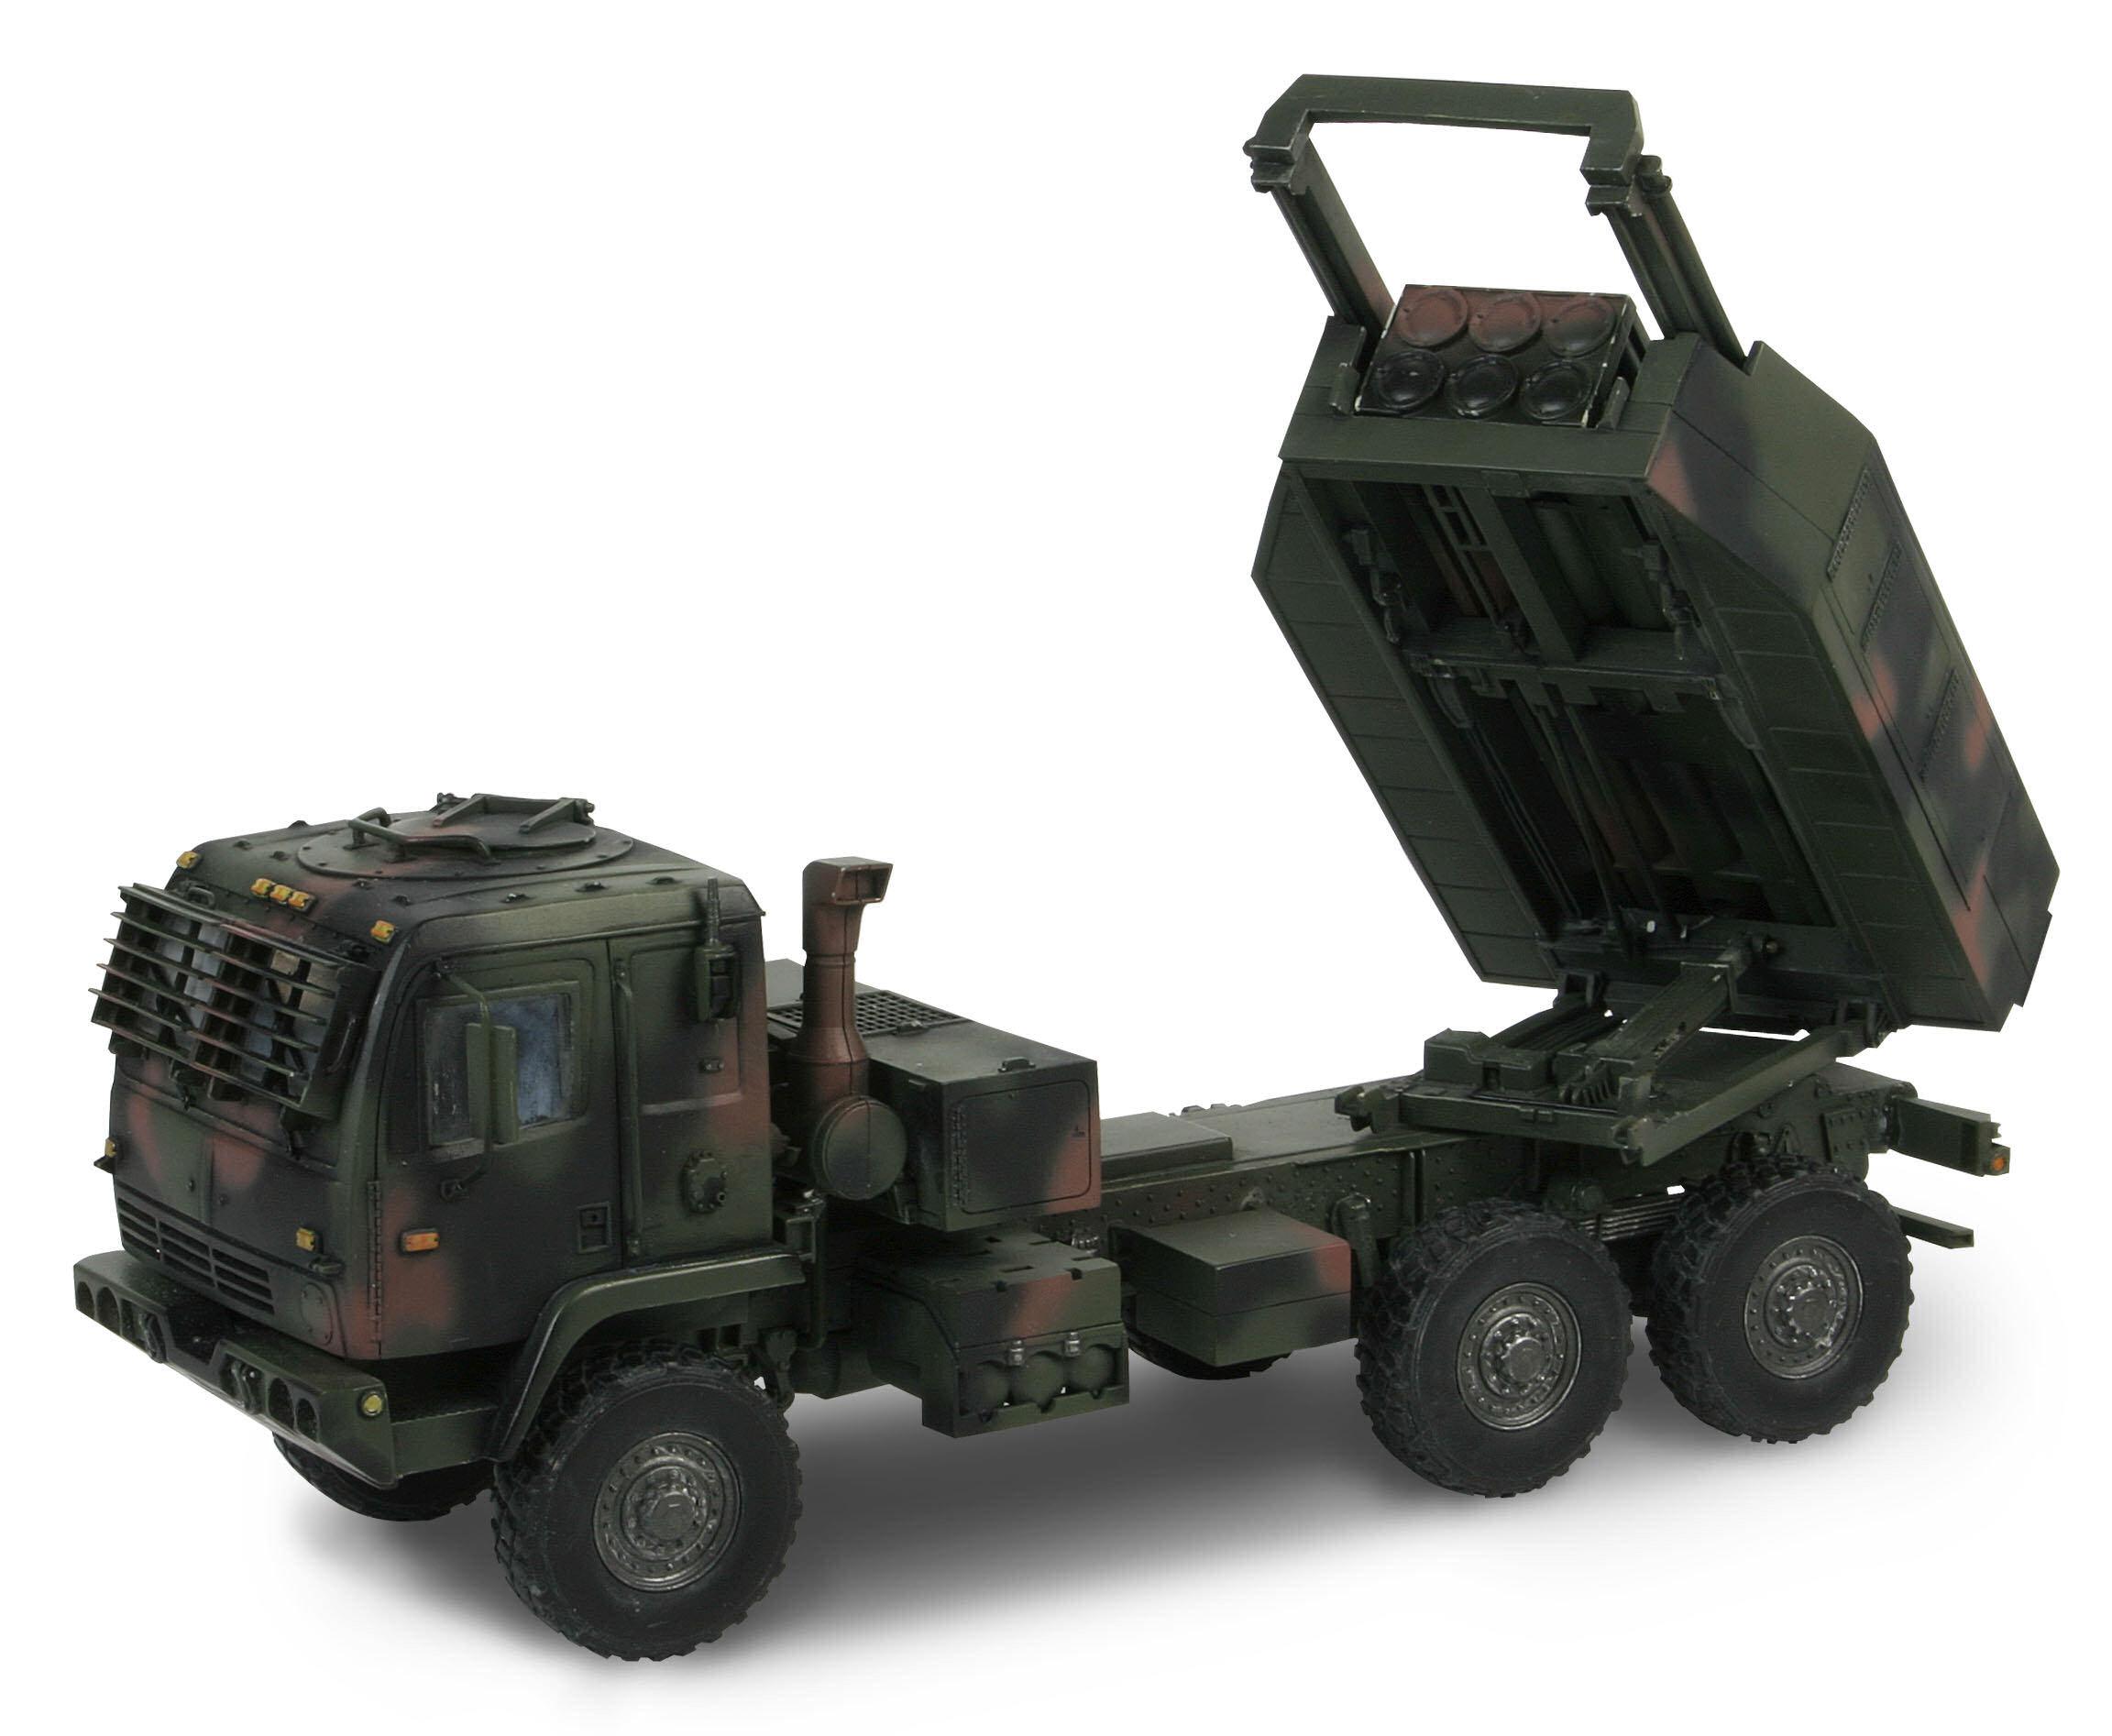 Коллекционная модель - Мобильная ракетная система М142, США, 1:32Военная техника<br>Коллекционная модель - Мобильная ракетная система М142, США, 1:32<br>